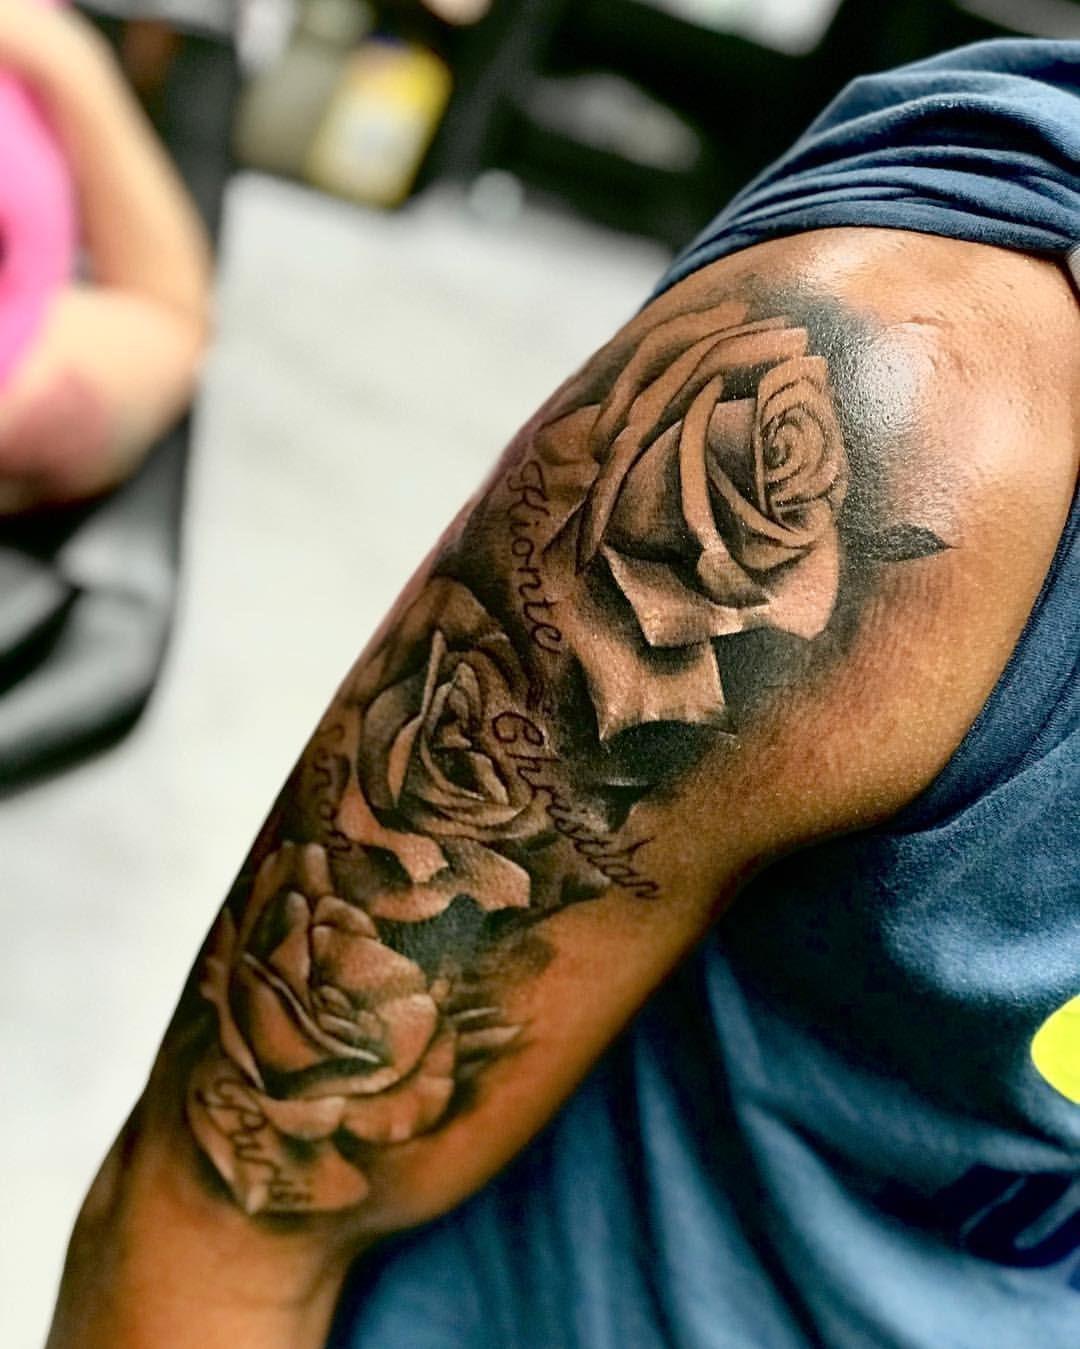 Dark Skin Sleeve Tattoo By Faisal Al Lami Tattoo Sal Only In Seventhsealtattoo Darkskin Darkskintattoo Sleevetatto Sleeve Tattoos Tattoos Dark Skin Tattoo